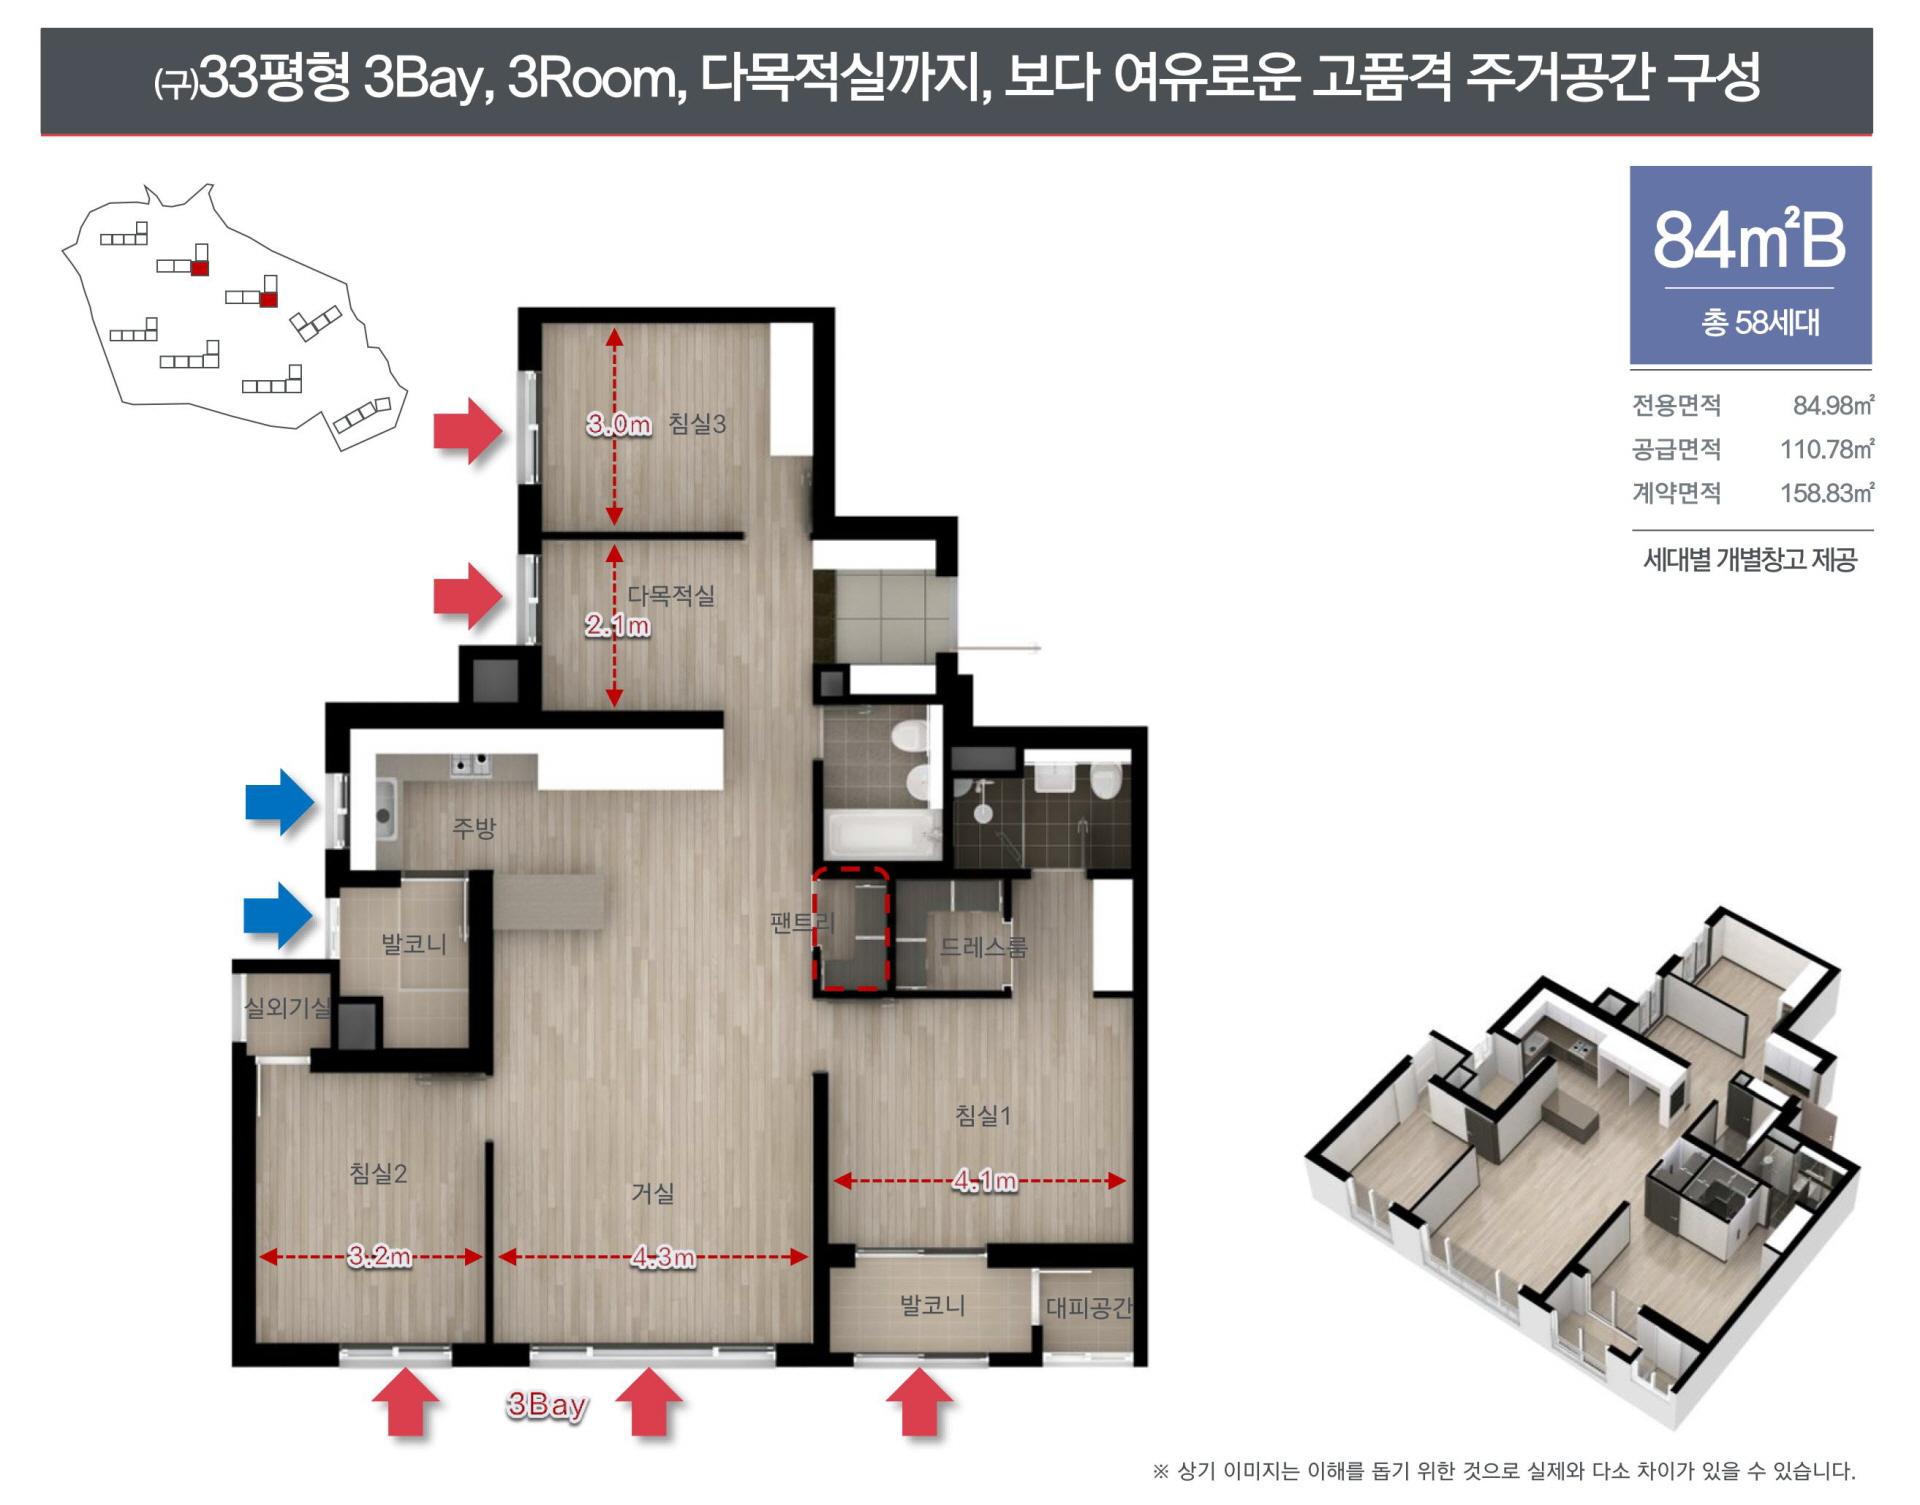 천리 서희스타힐스 84㎡B_TYPE